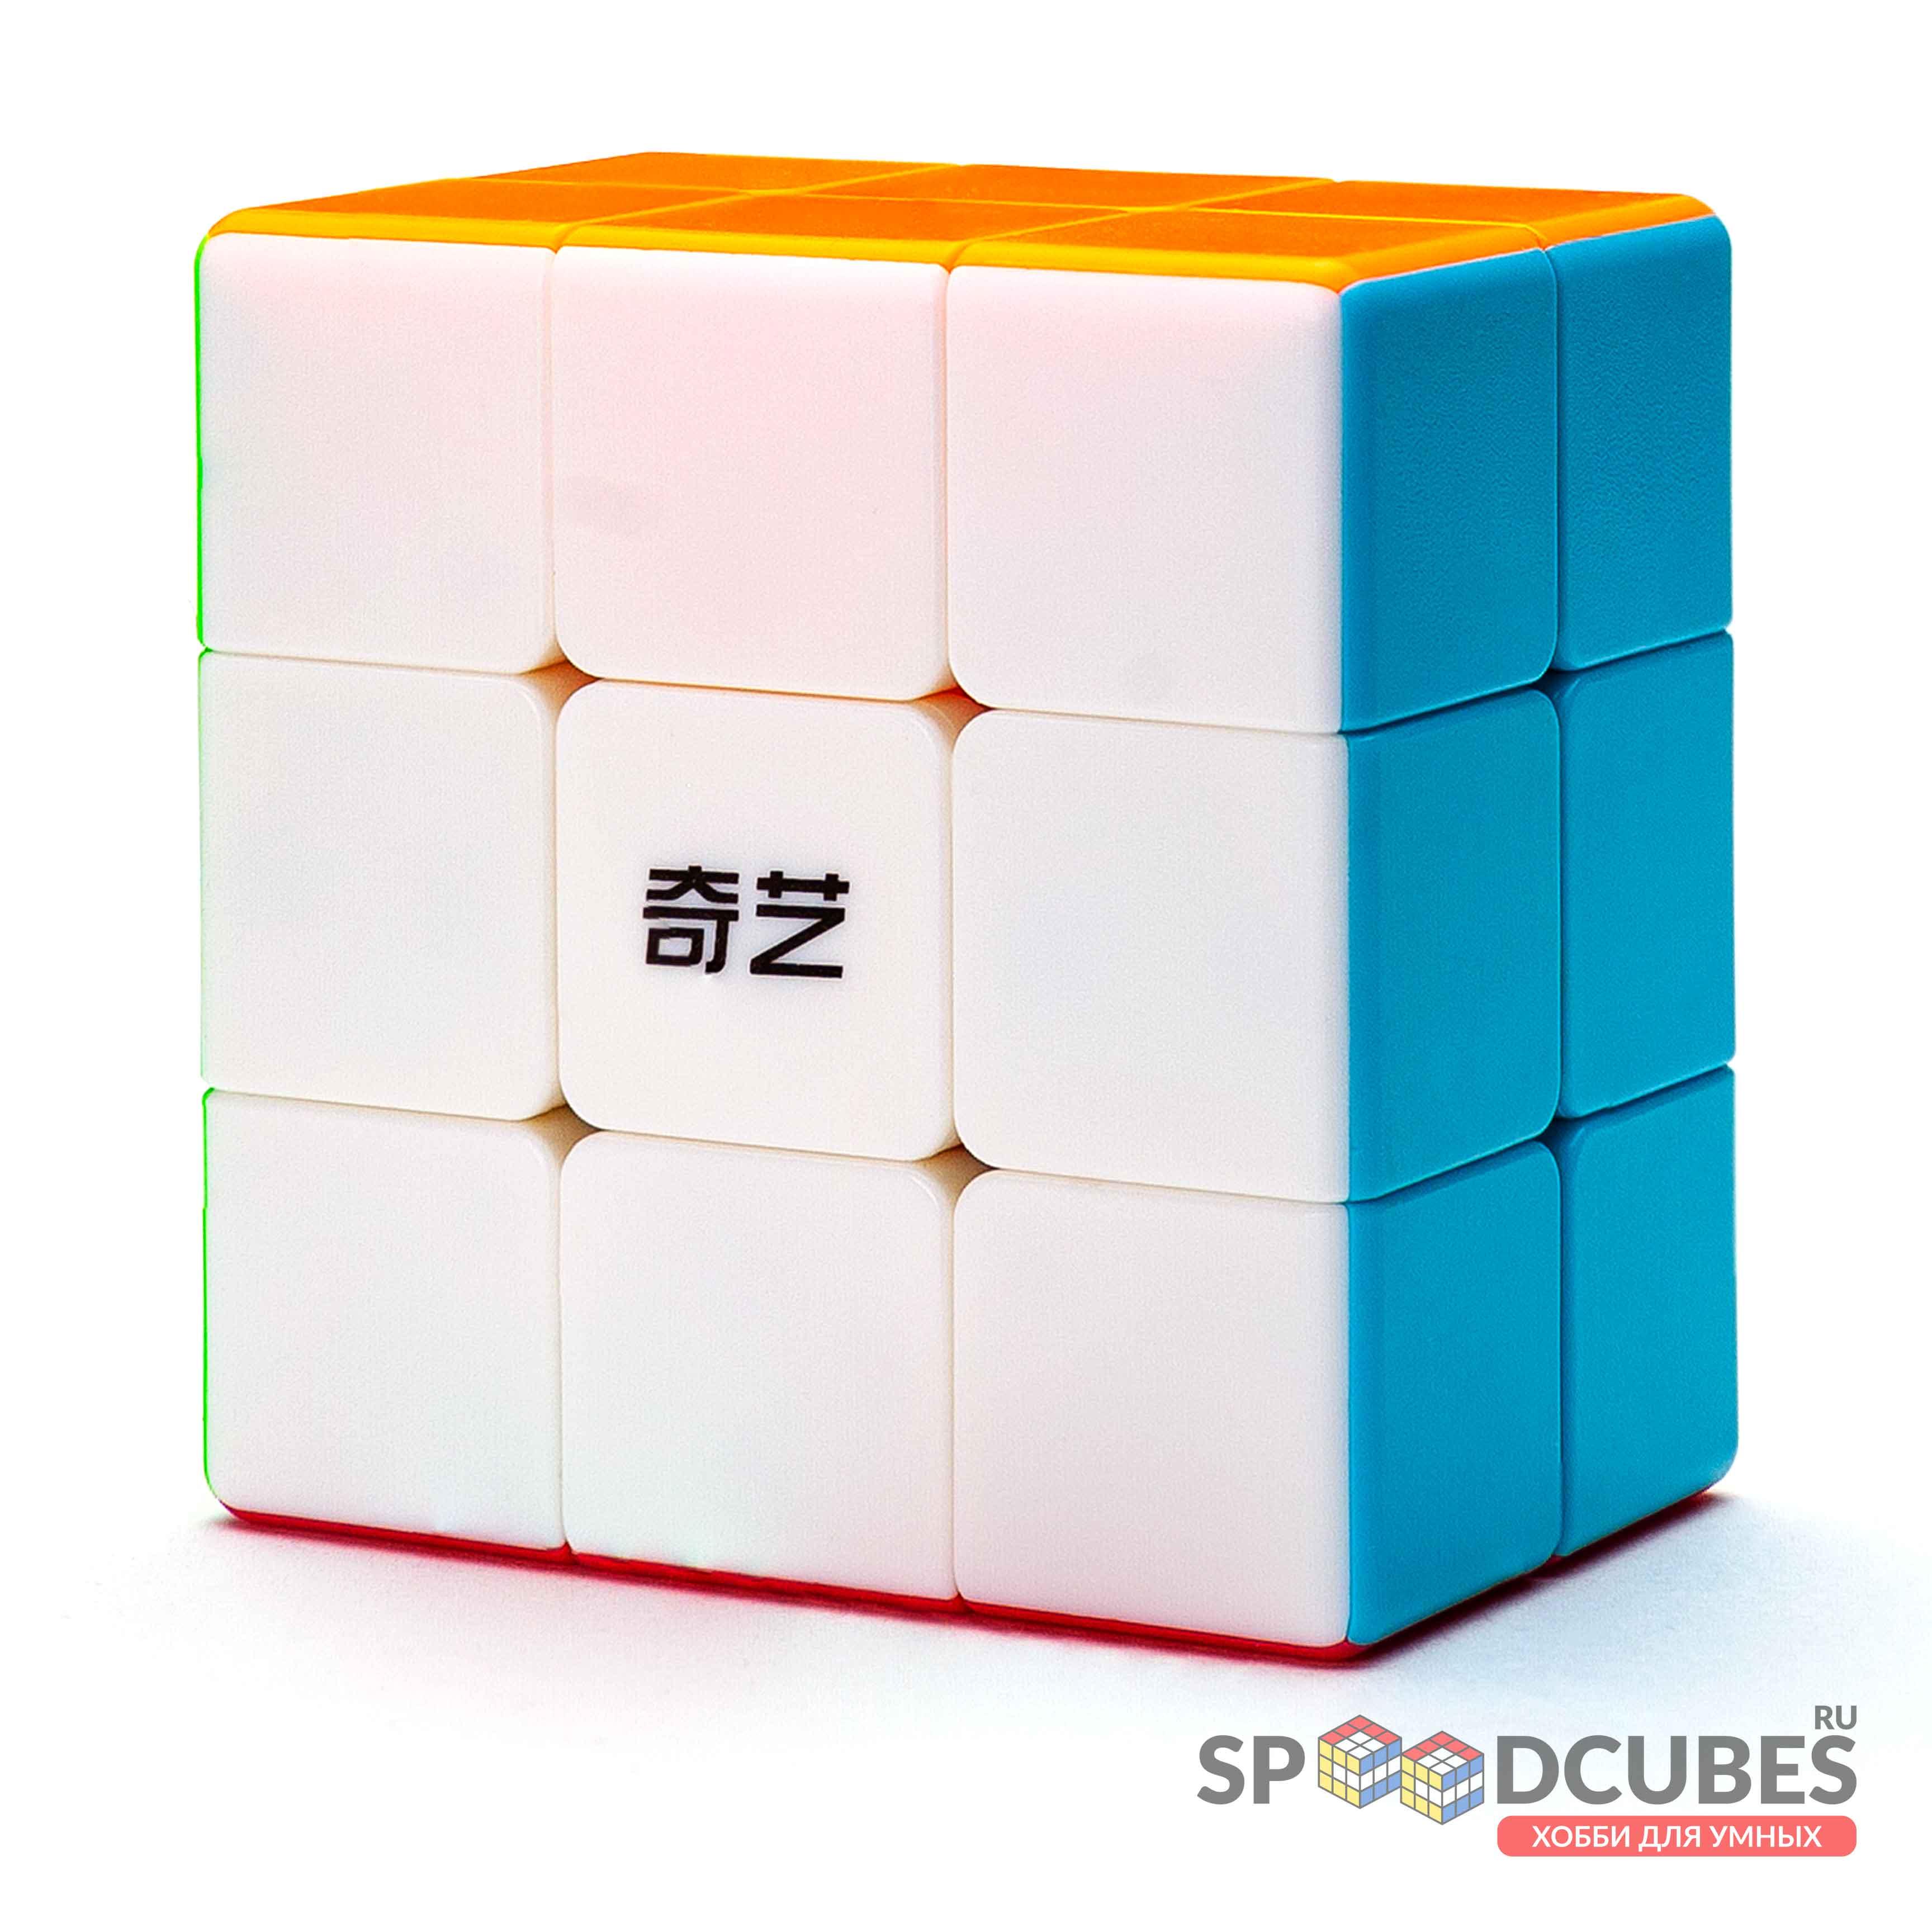 QiYi (MoFangGe) 2x3x3 Cube